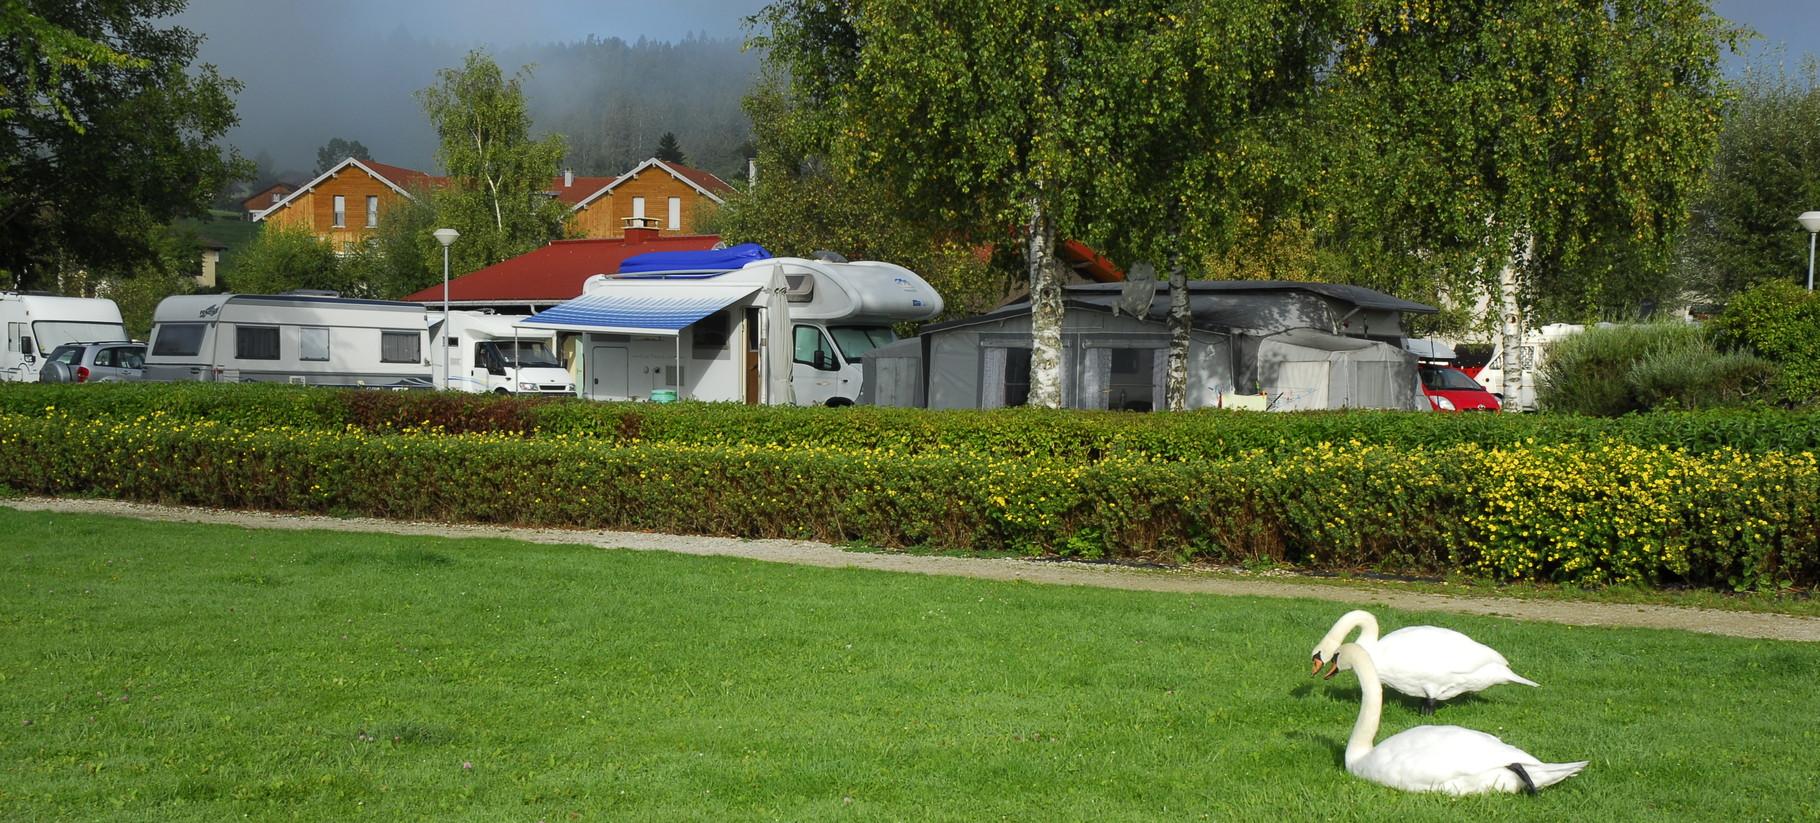 nederlands  camping municipal de SaintPointLac # Wasbak Duits_043752